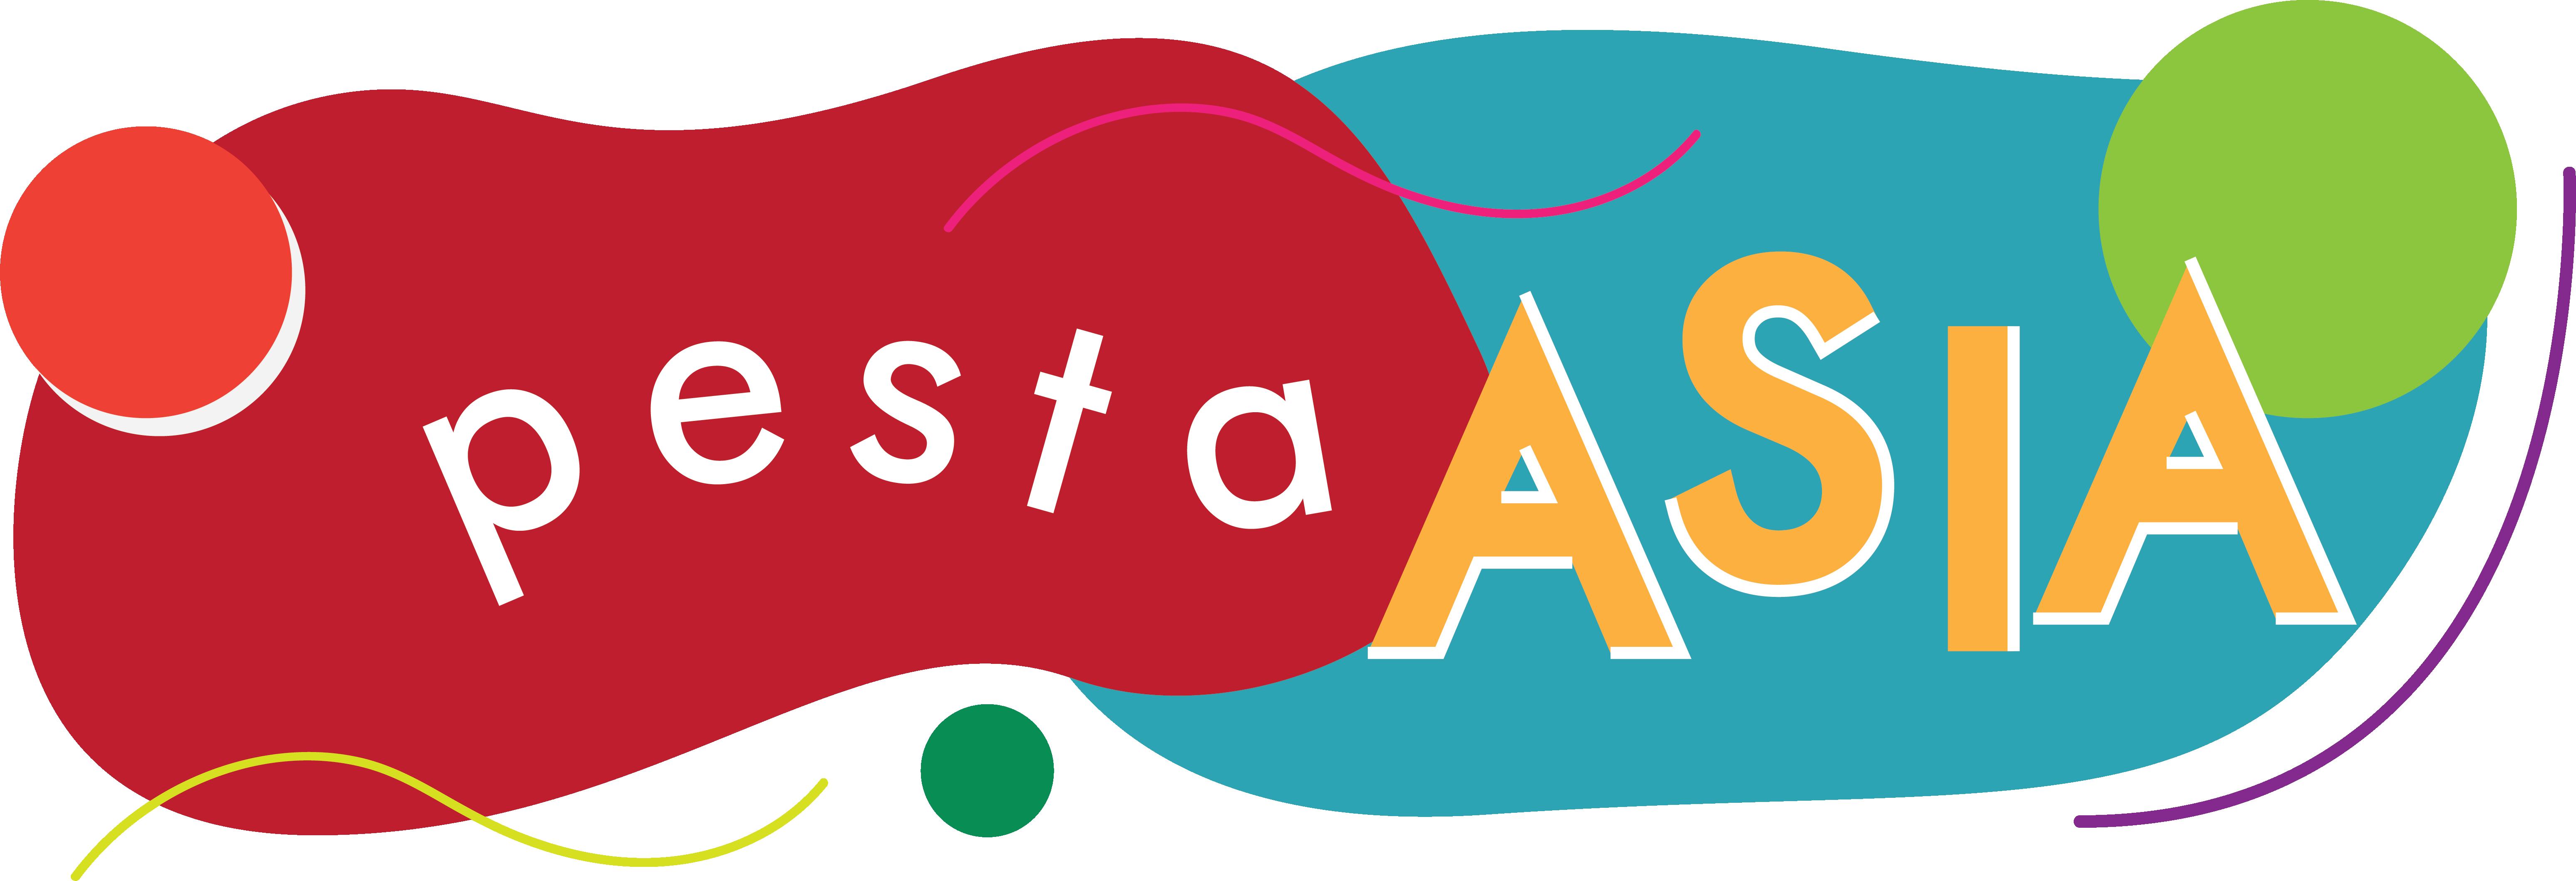 Pesta Asia 2018